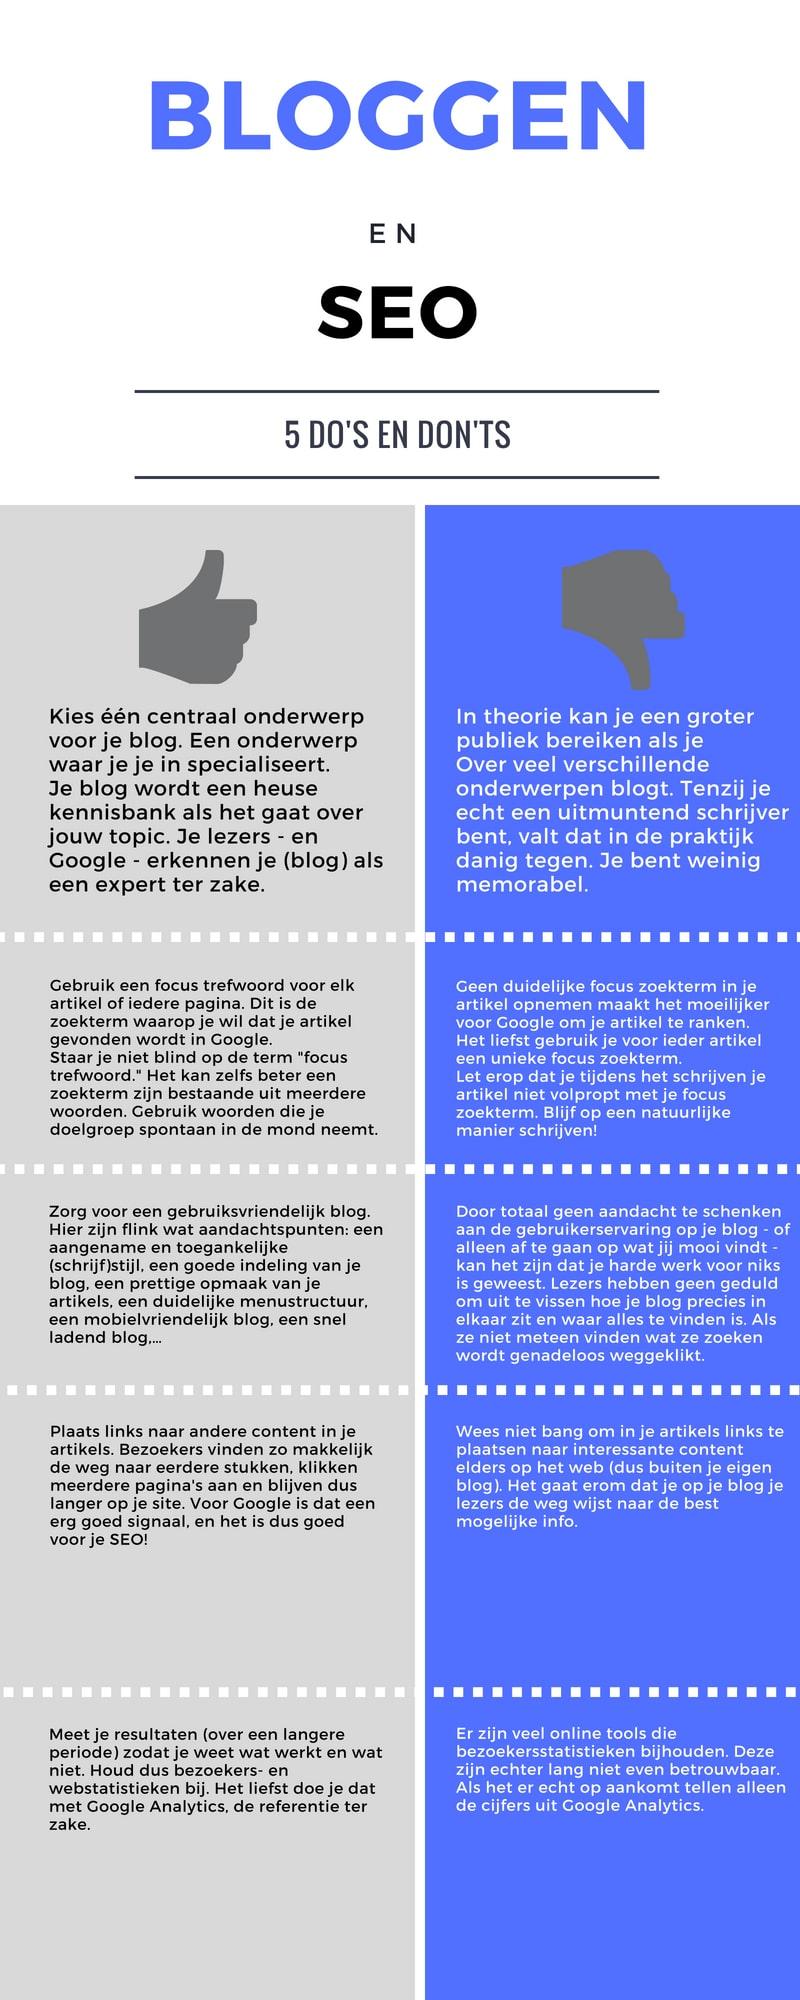 Hoe van start gaan met bloggen en SEO? 5 do's en don'ts voor elke (beginnende) blogger in een infographic